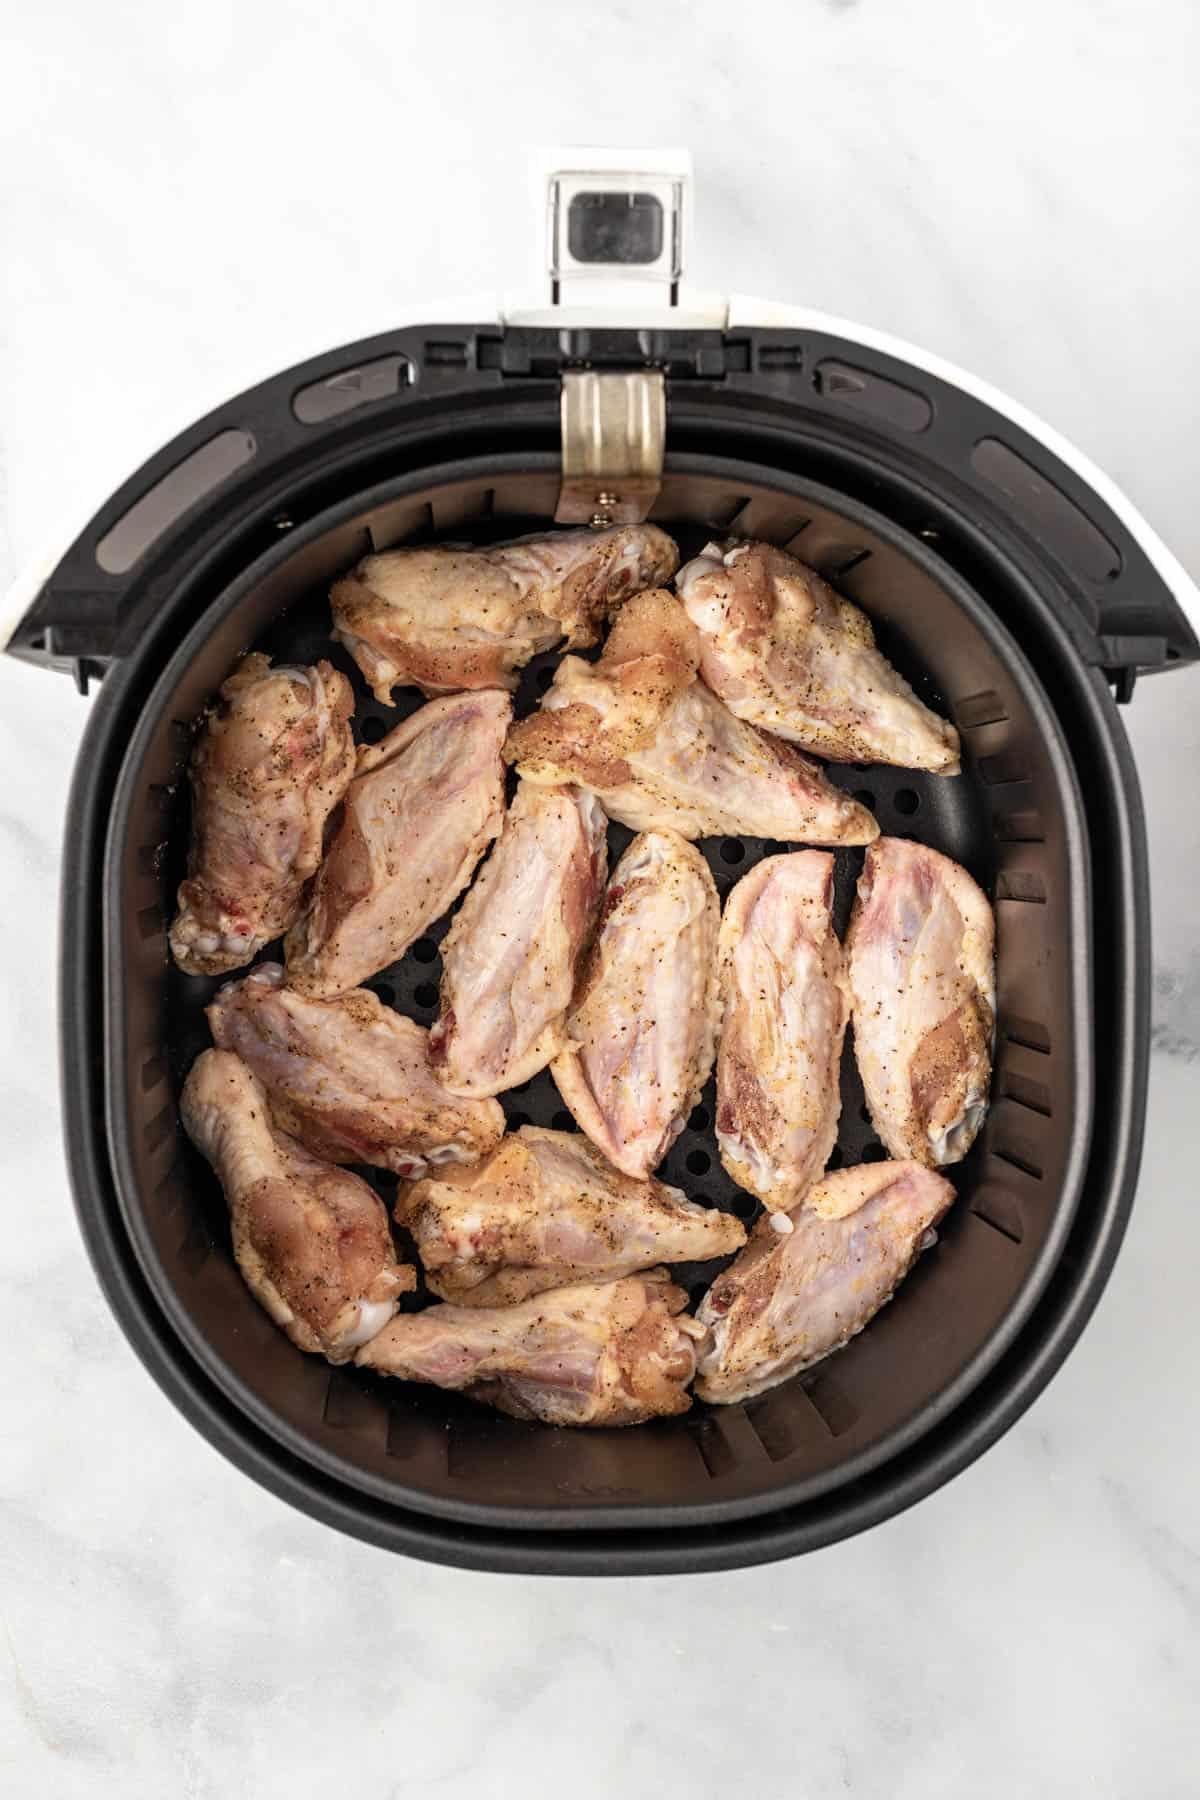 Raw, seasoned chicken wings in an air fryer basket.